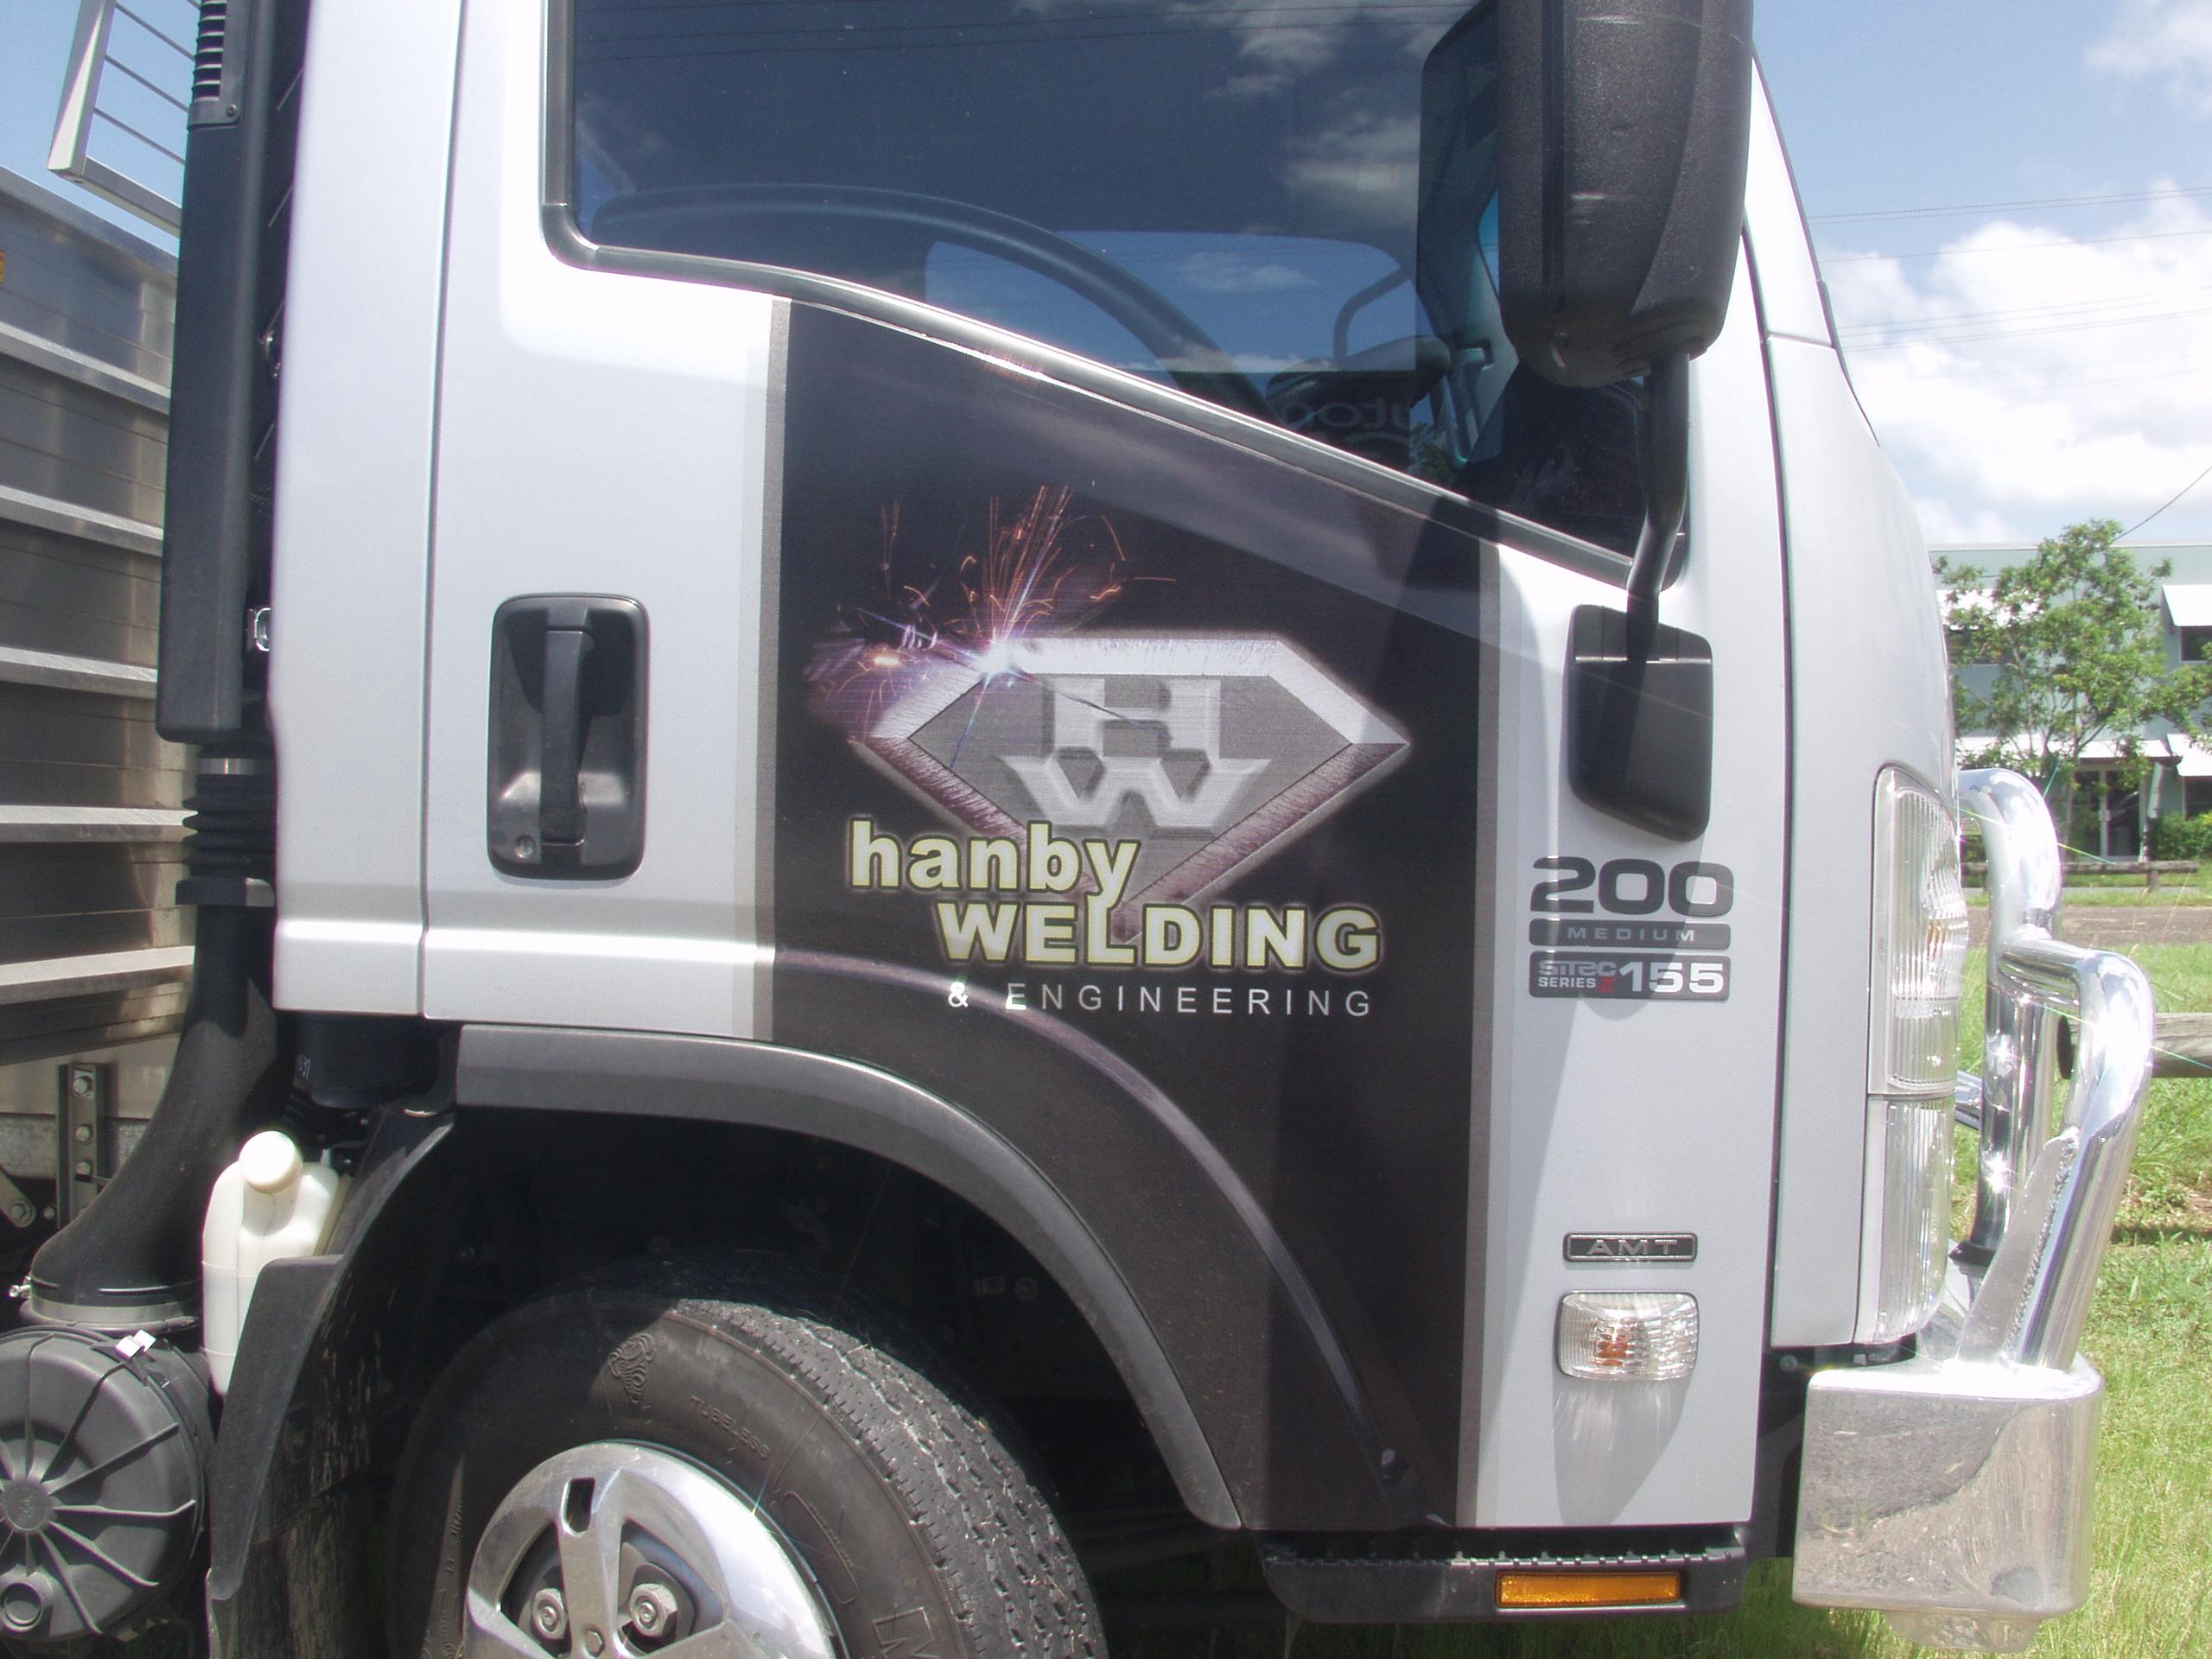 Hanby welding